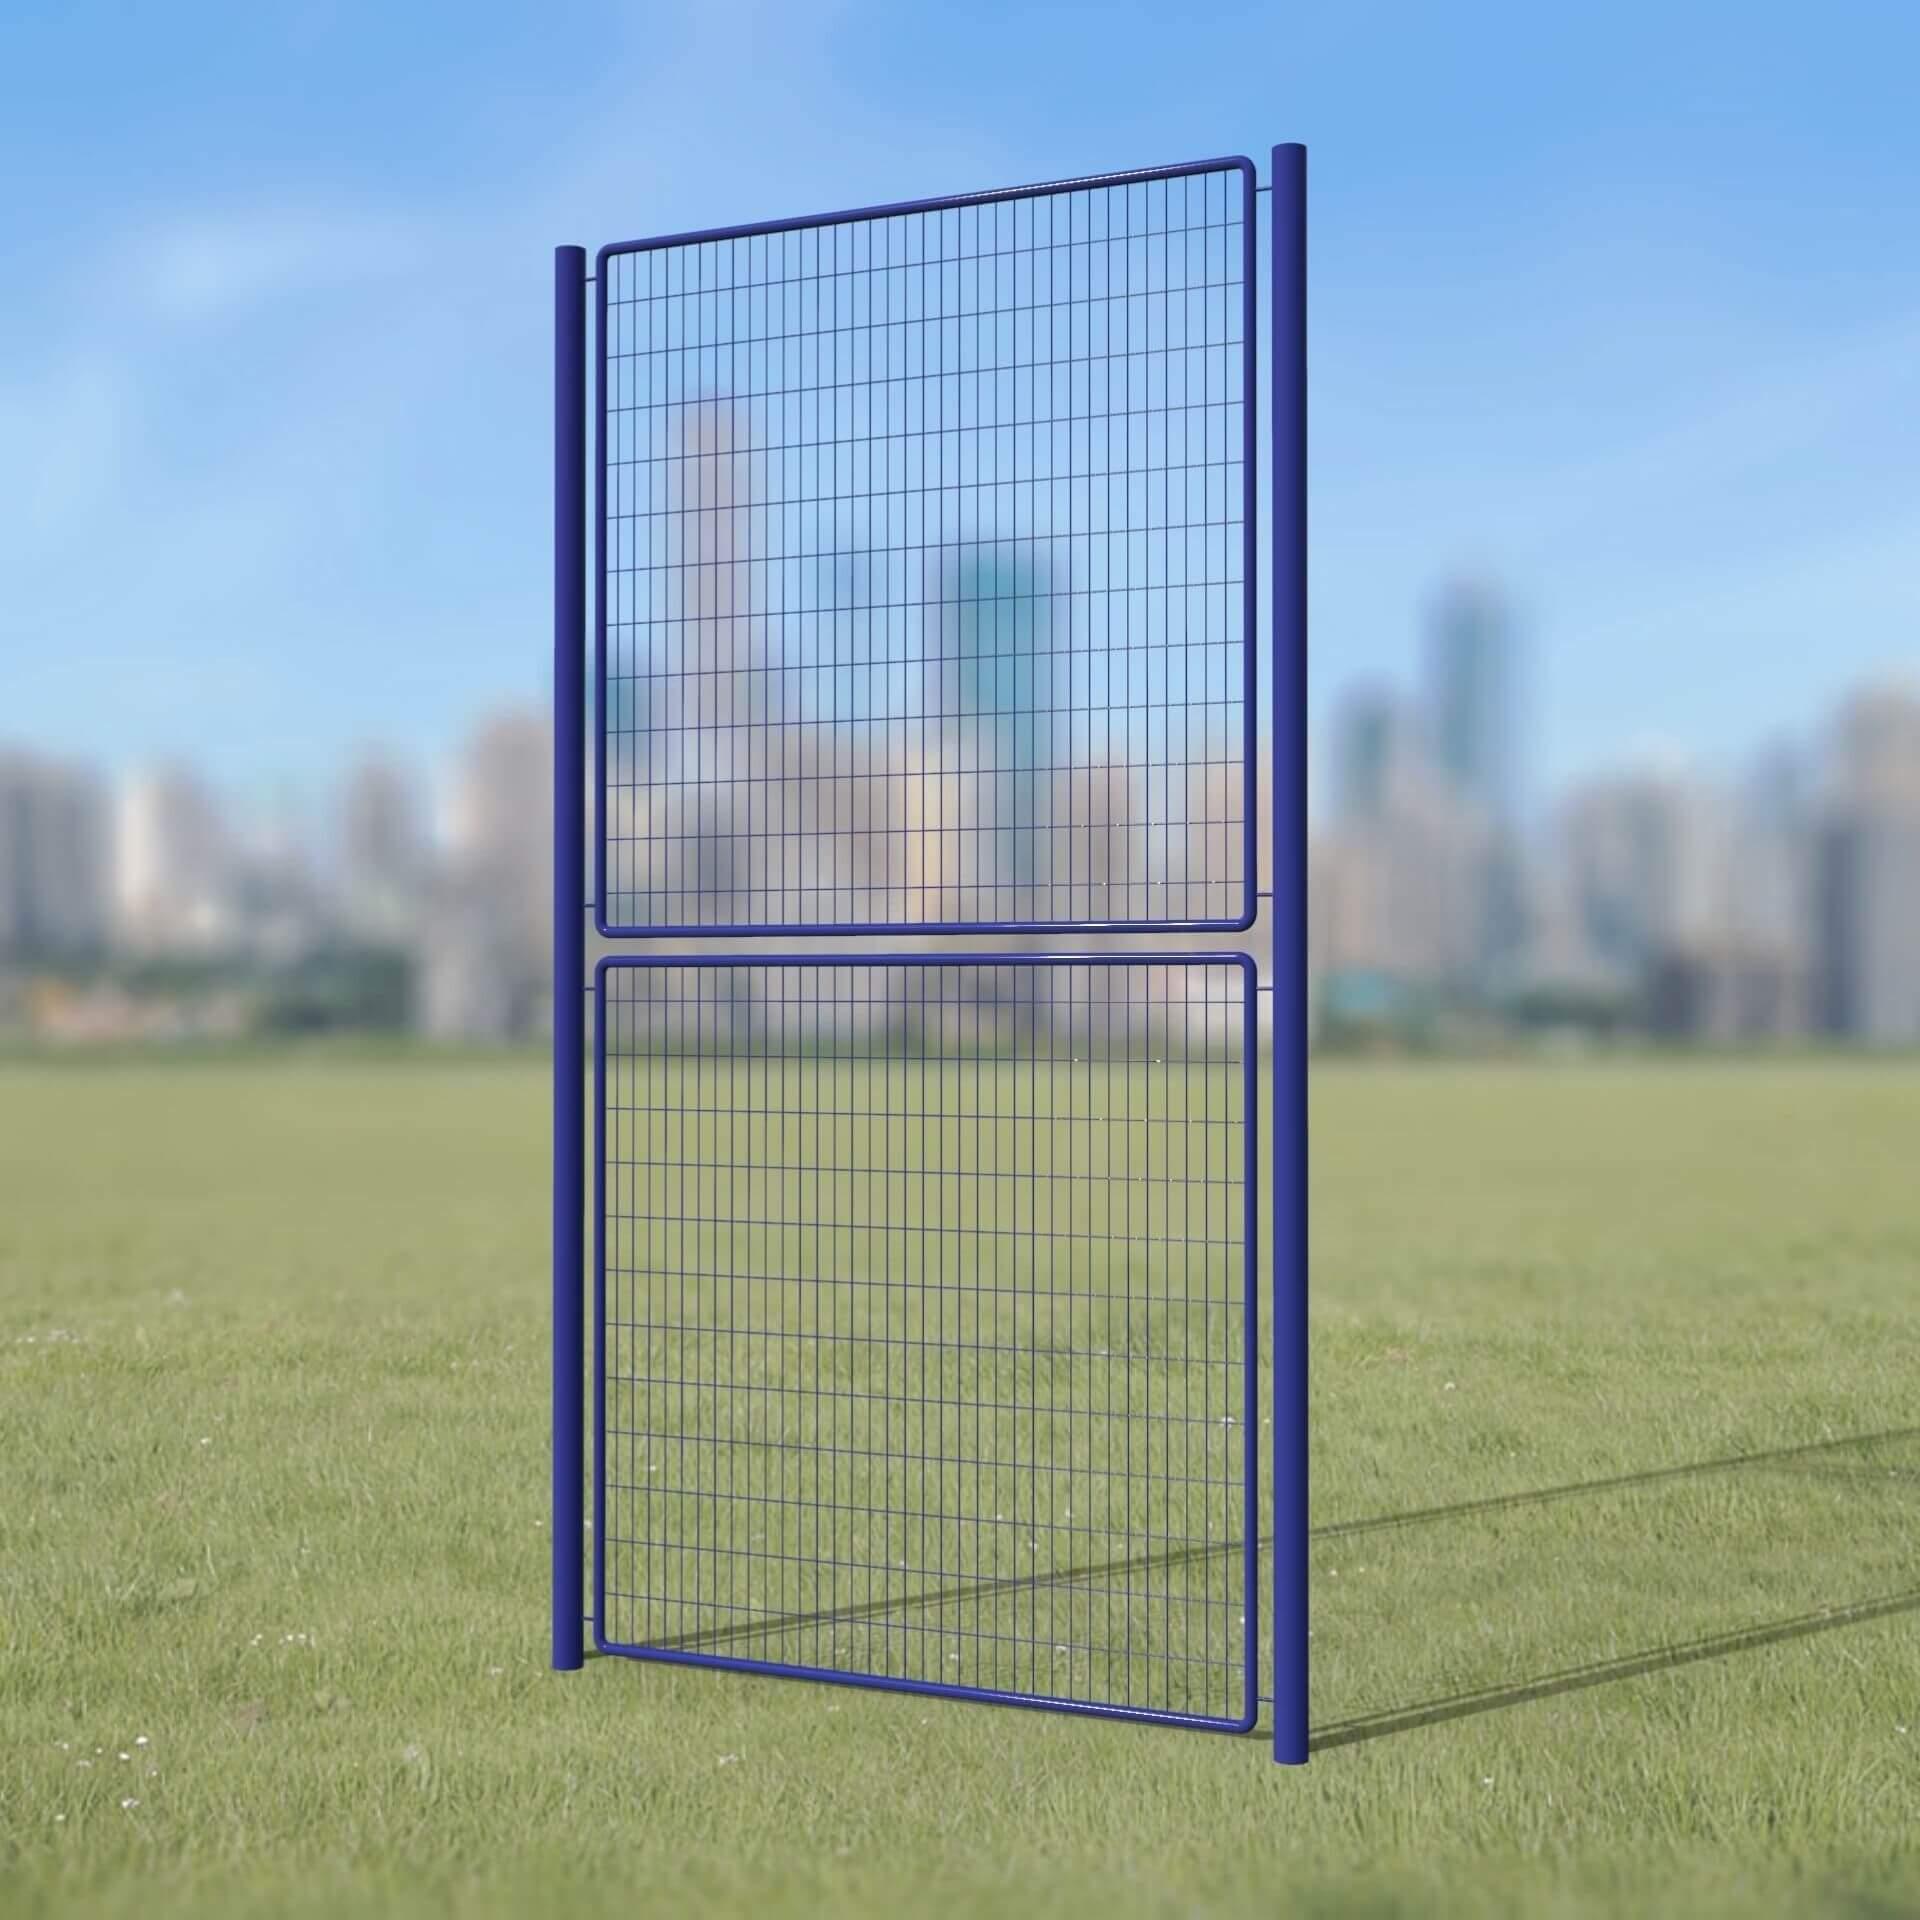 גדר מגרש ספורט דגם סן סיירו